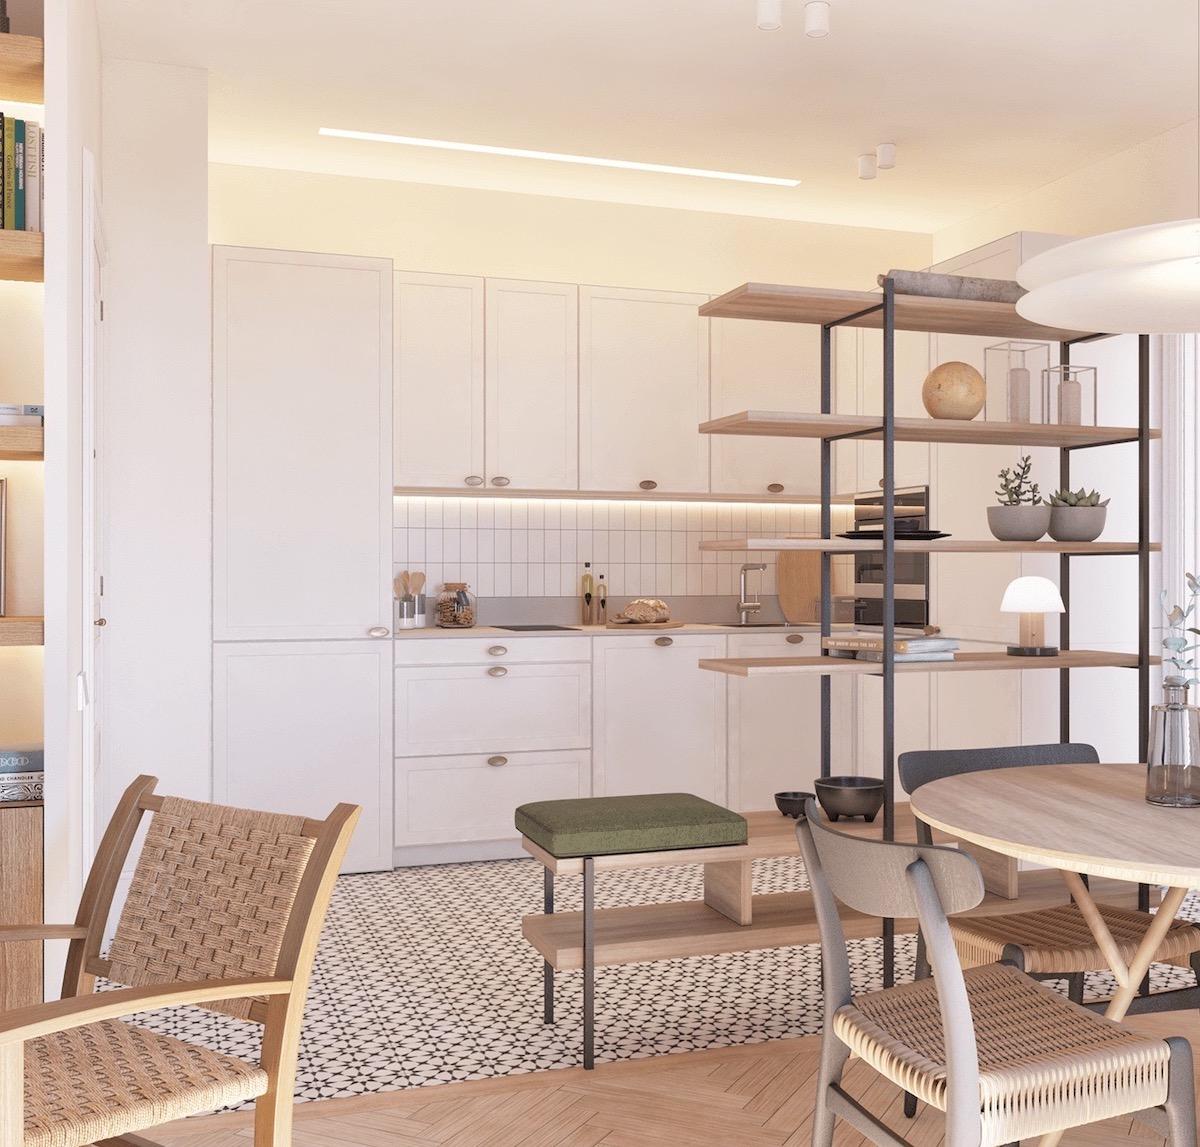 mobilier entrée séparer cuisine salon bibliothèque siège design astuce déco - clem around the corner